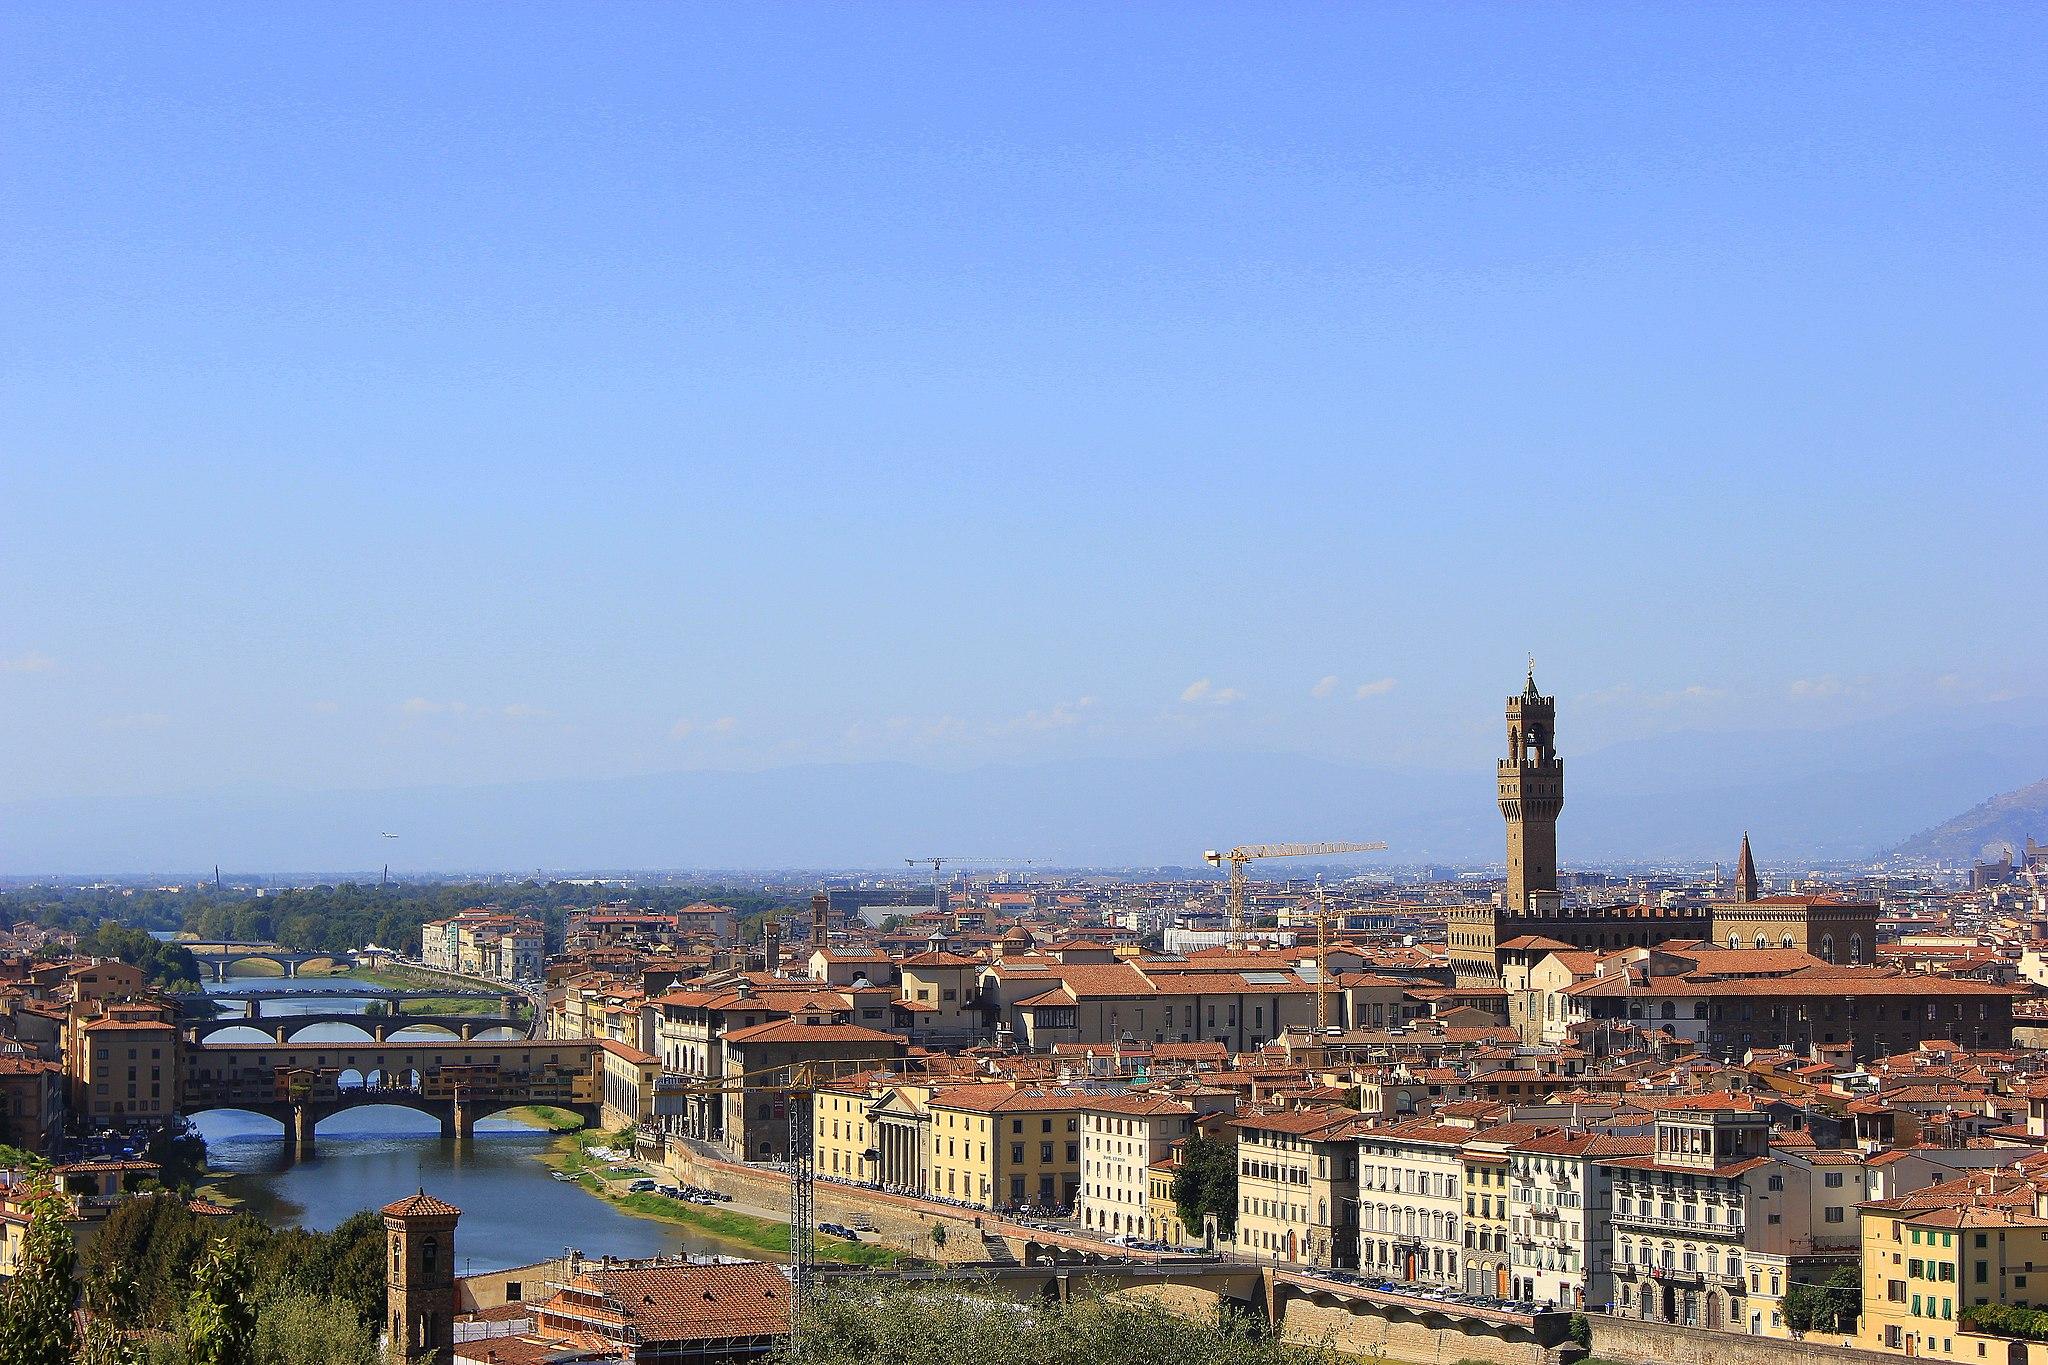 Piazzale Michelangelo, con veduta del Ponte Vecchio e di Palazzo Vecchio